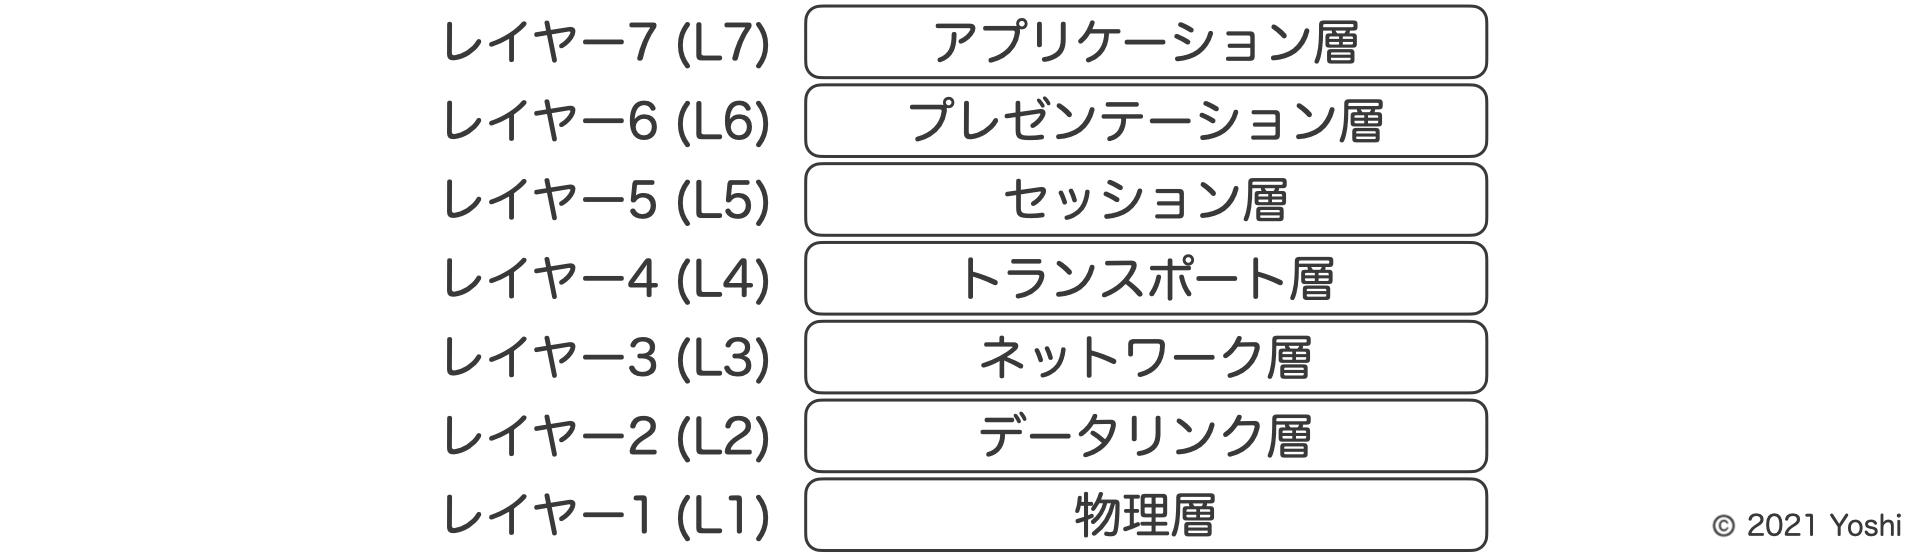 OSI参照モデルの7階層